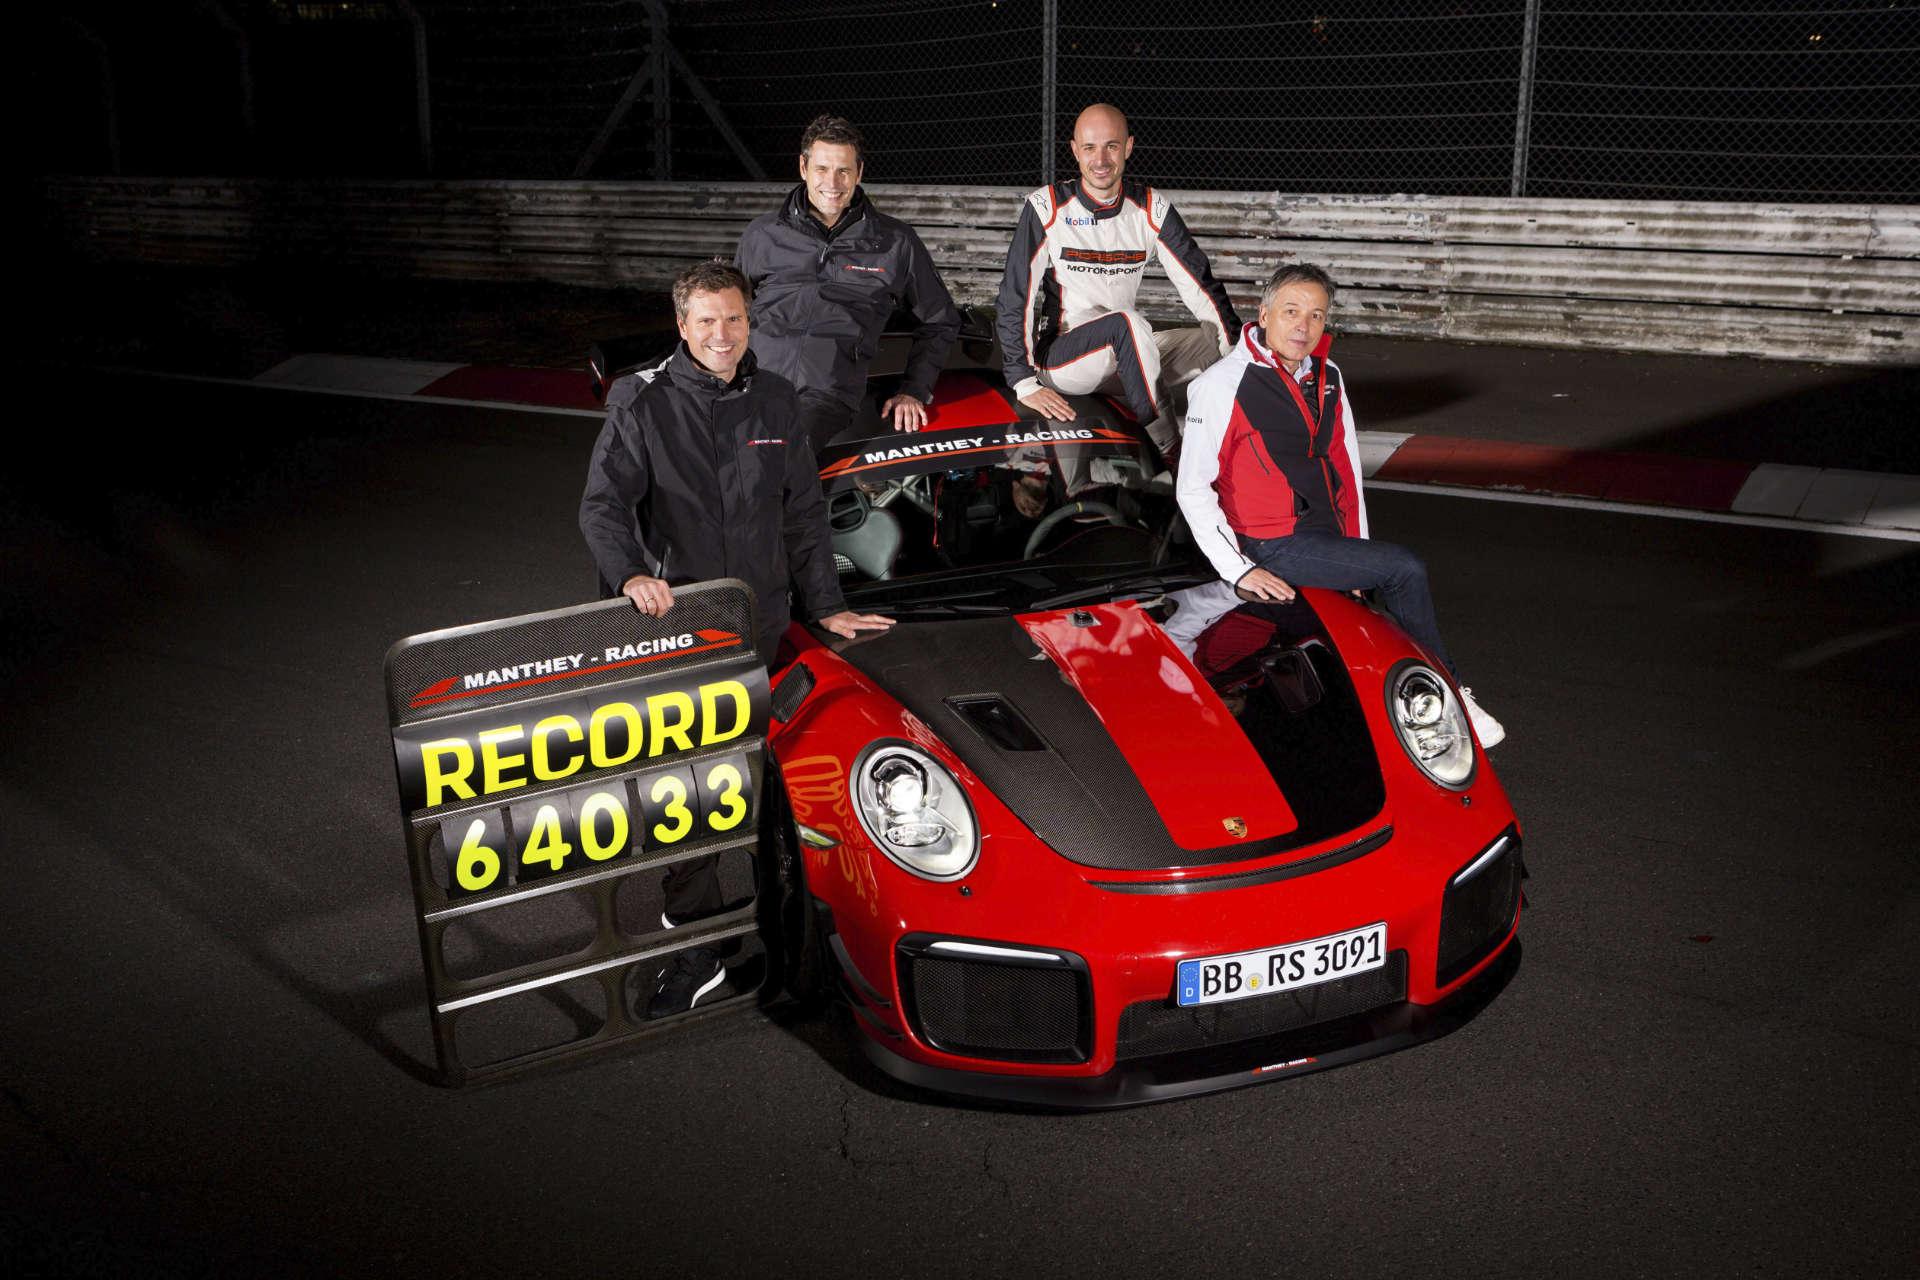 Lars Kern Schneller ist keiner 25 Jahre Manthey Racing